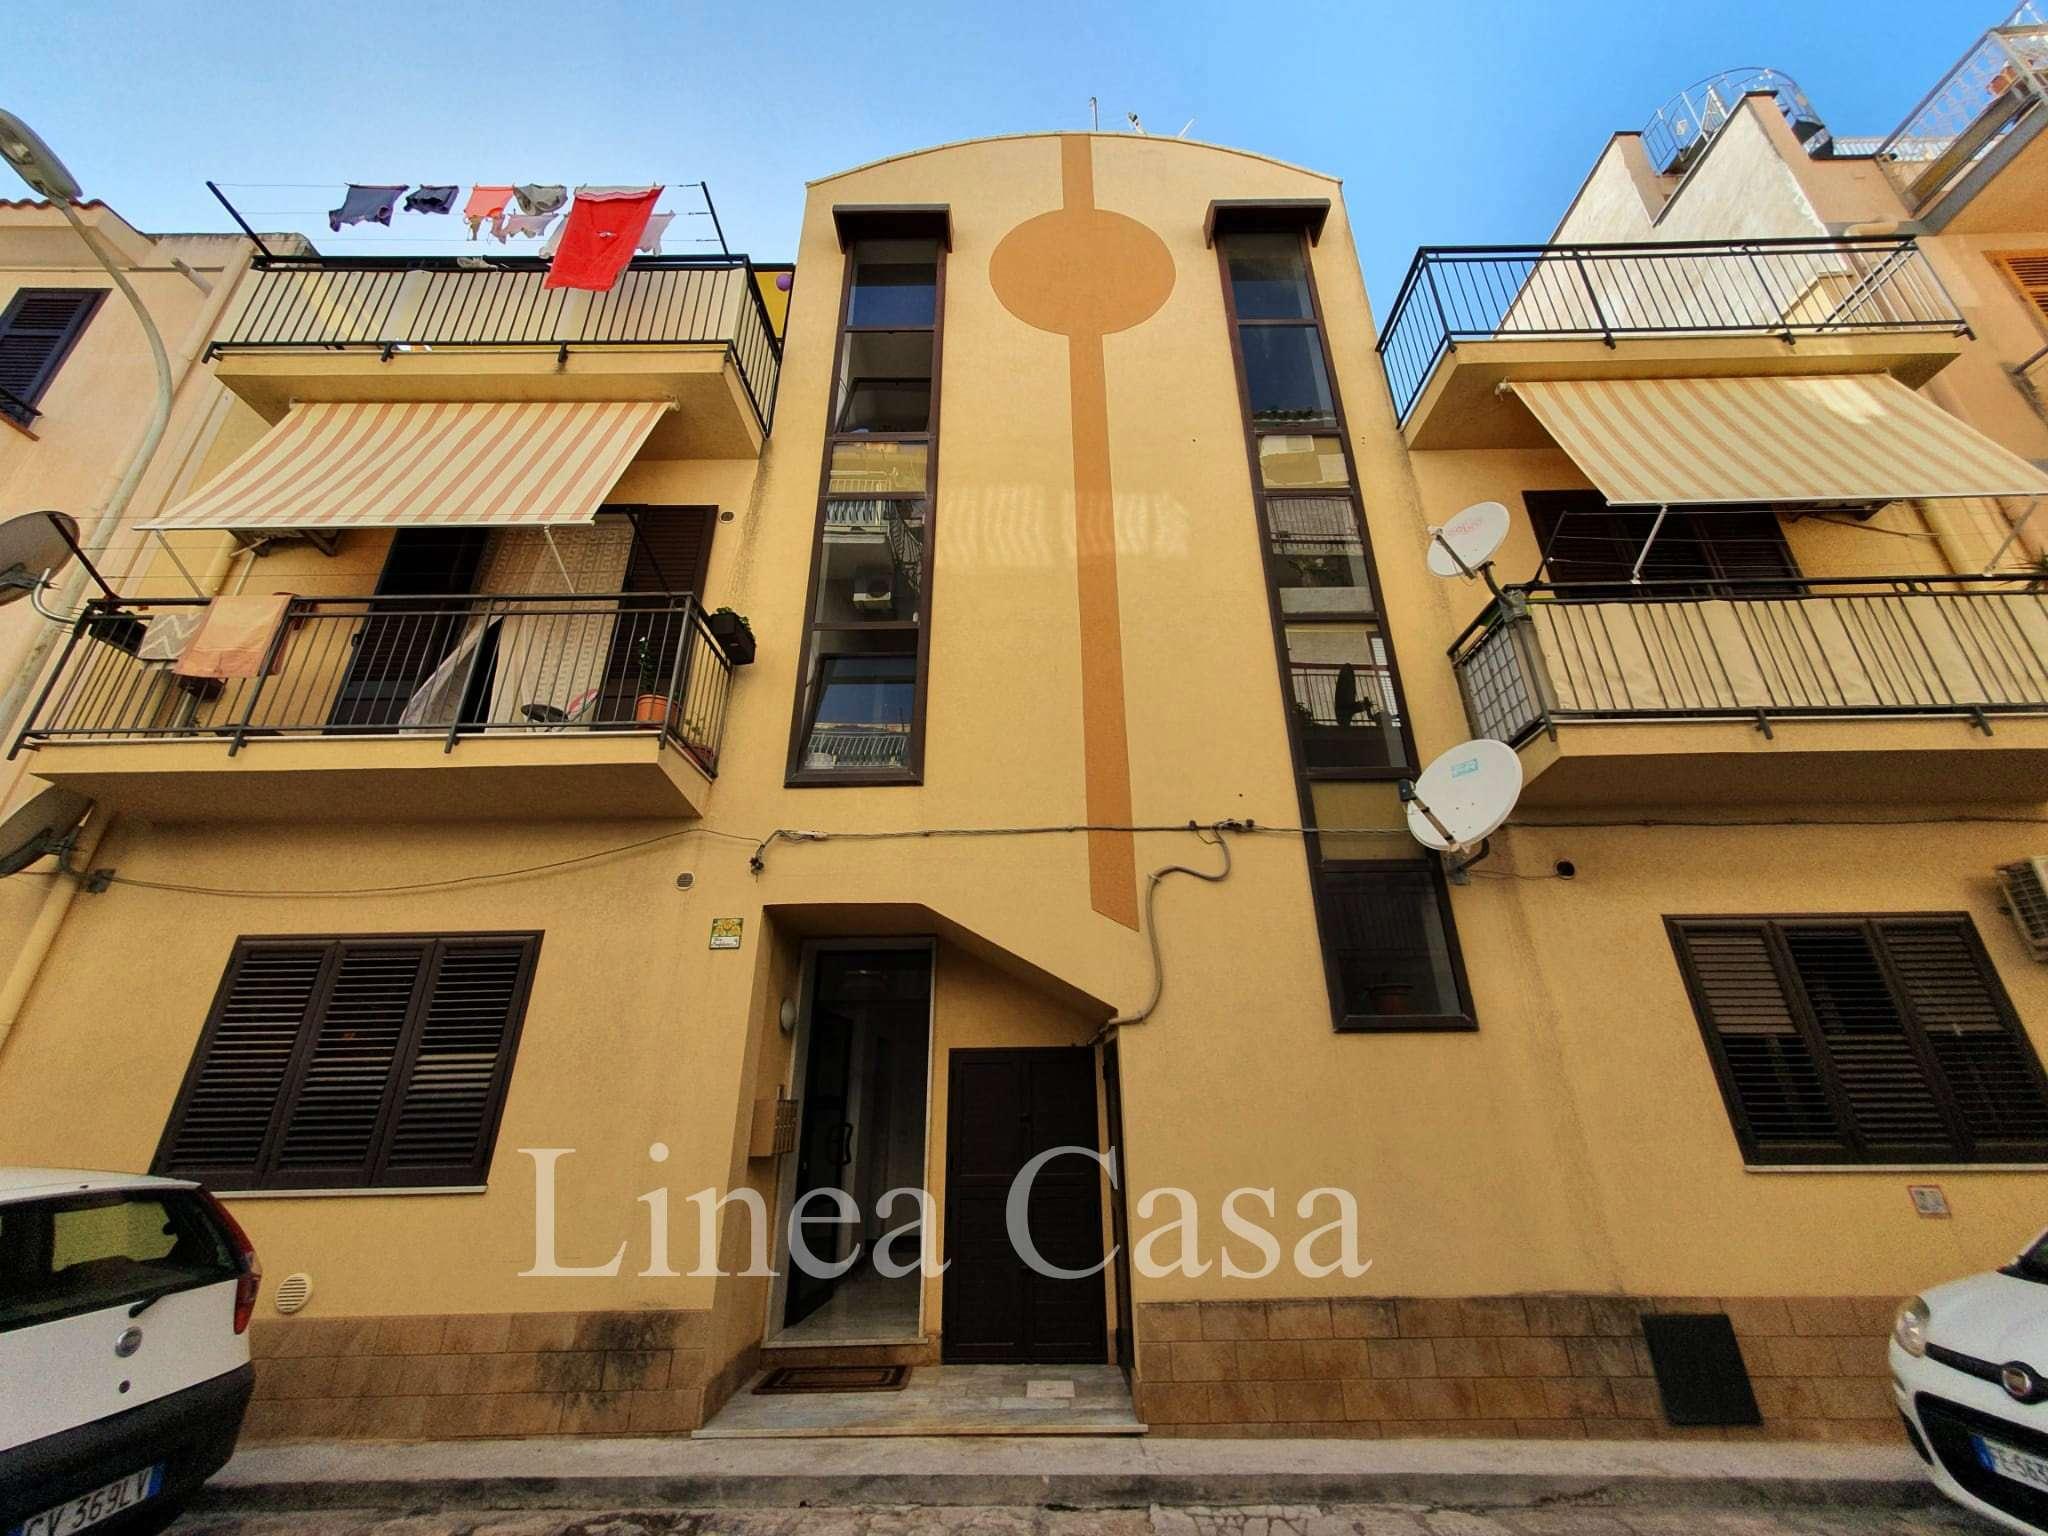 Appartamento in vendita a Casteldaccia, 3 locali, prezzo € 50.000 | CambioCasa.it